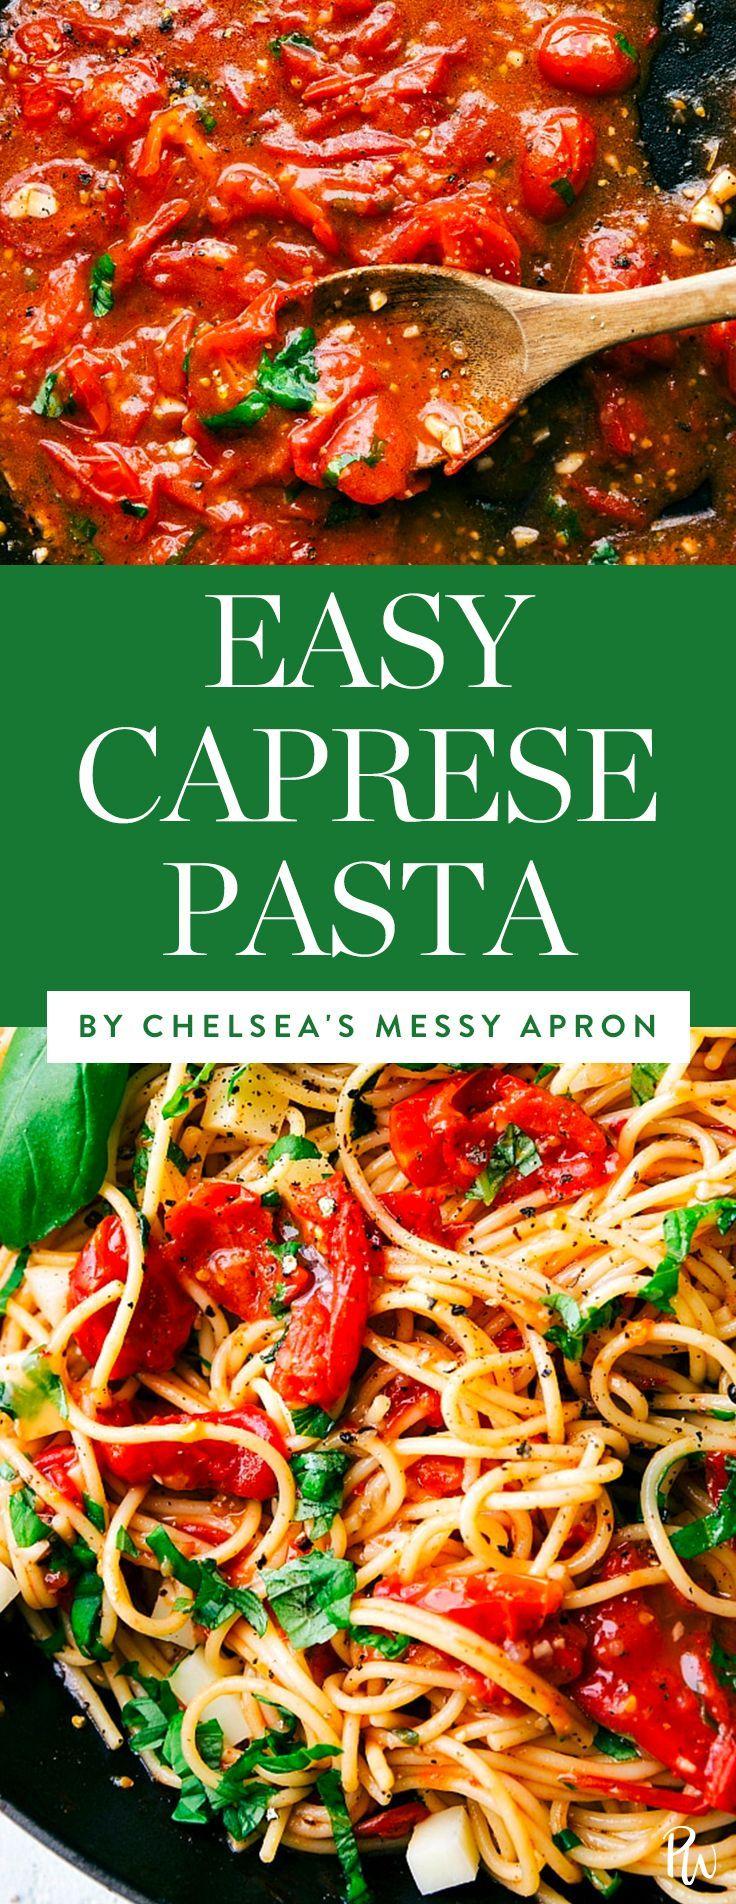 Get this delicious caprese pasta recipe by